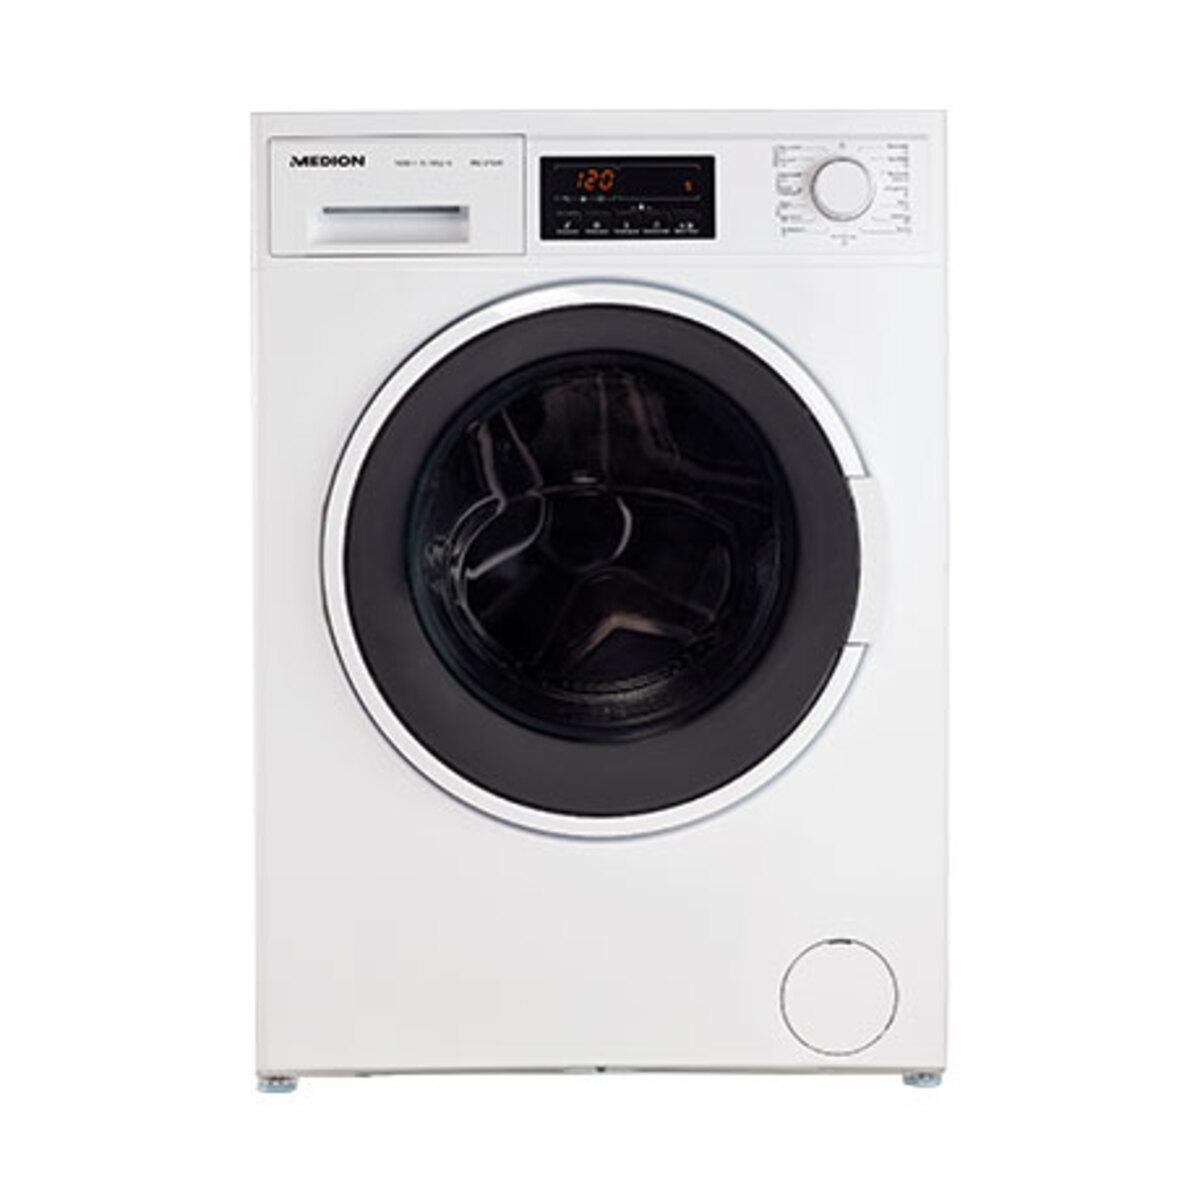 Bild 2 von MEDION®  Waschtrockner MD 37334